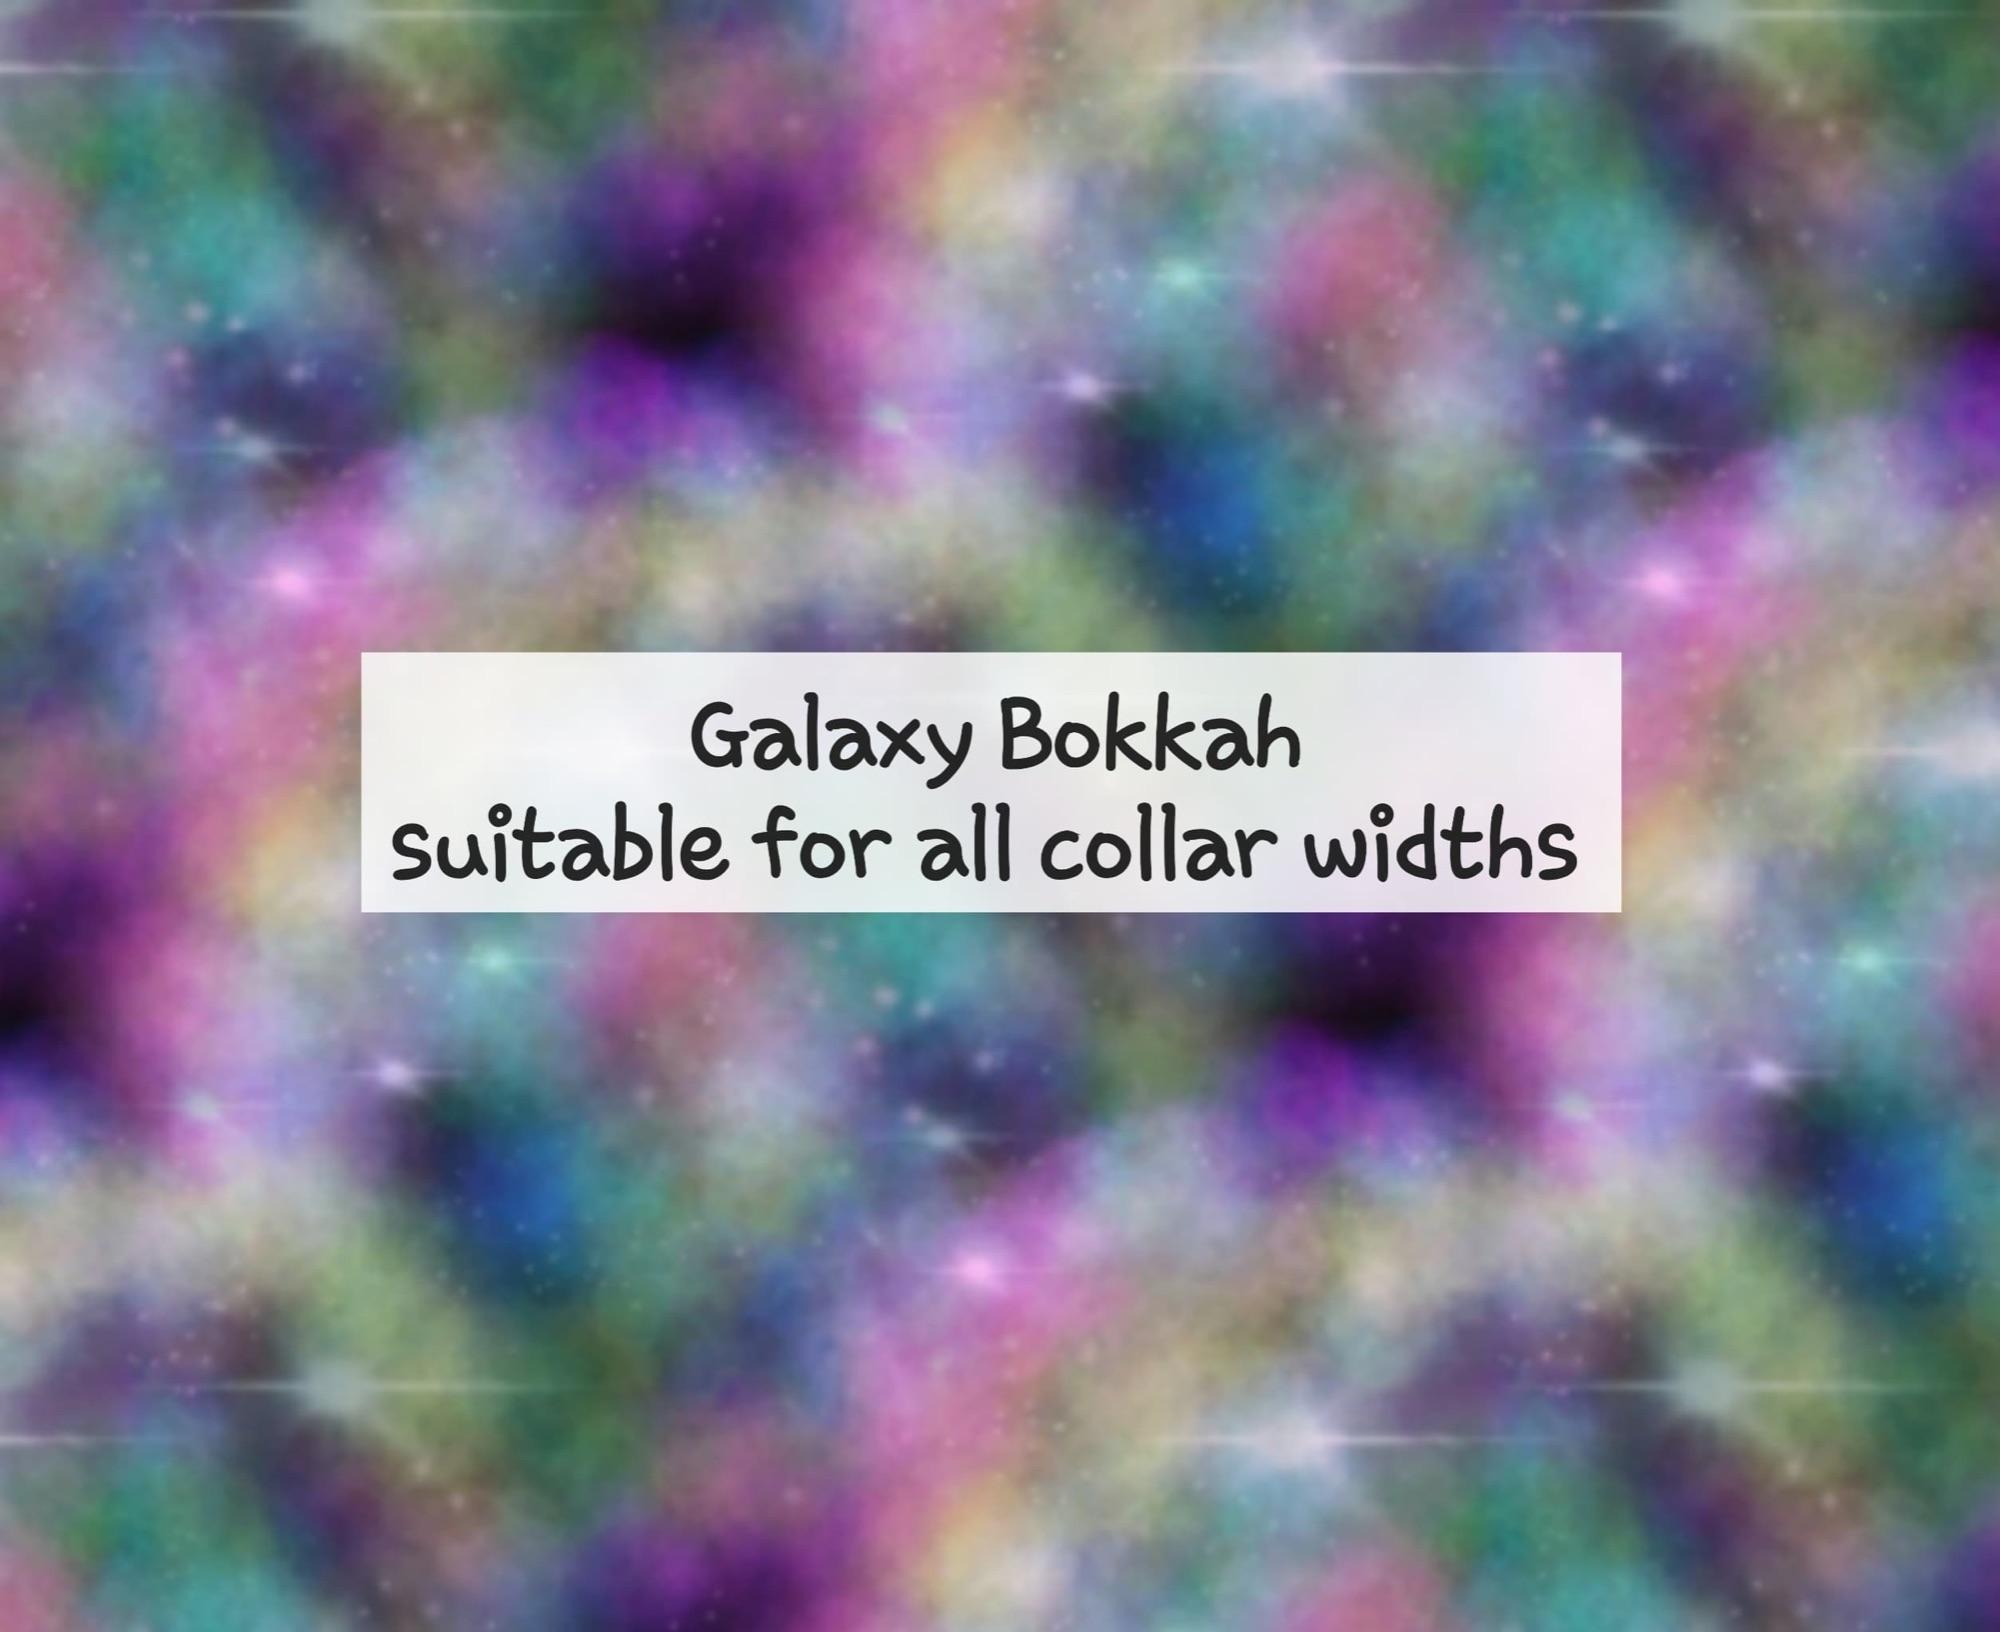 Galaxy Bokkah